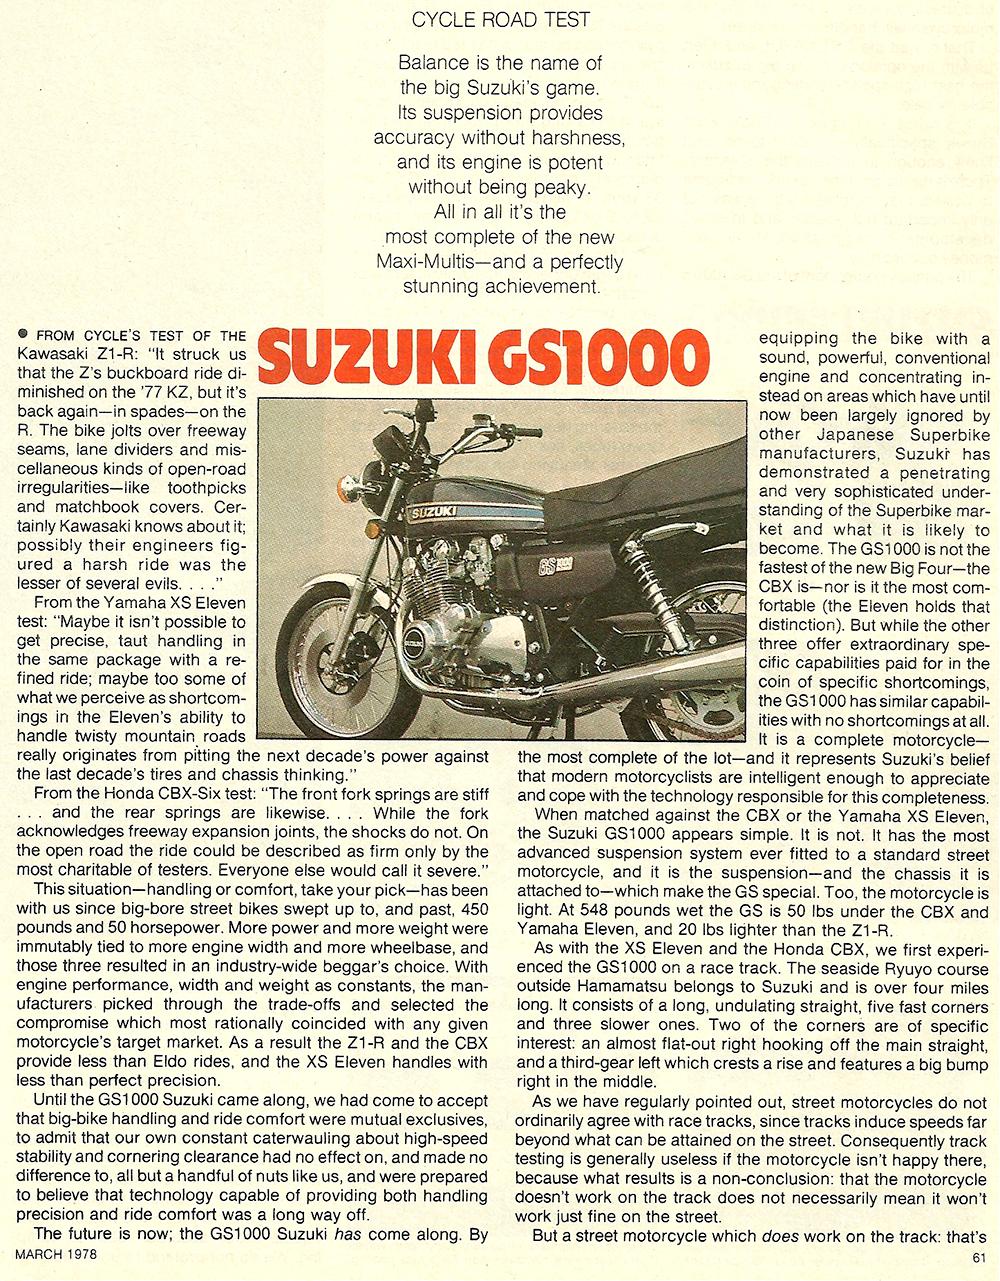 1978 Suzuki GS1000 road test 2.jpg